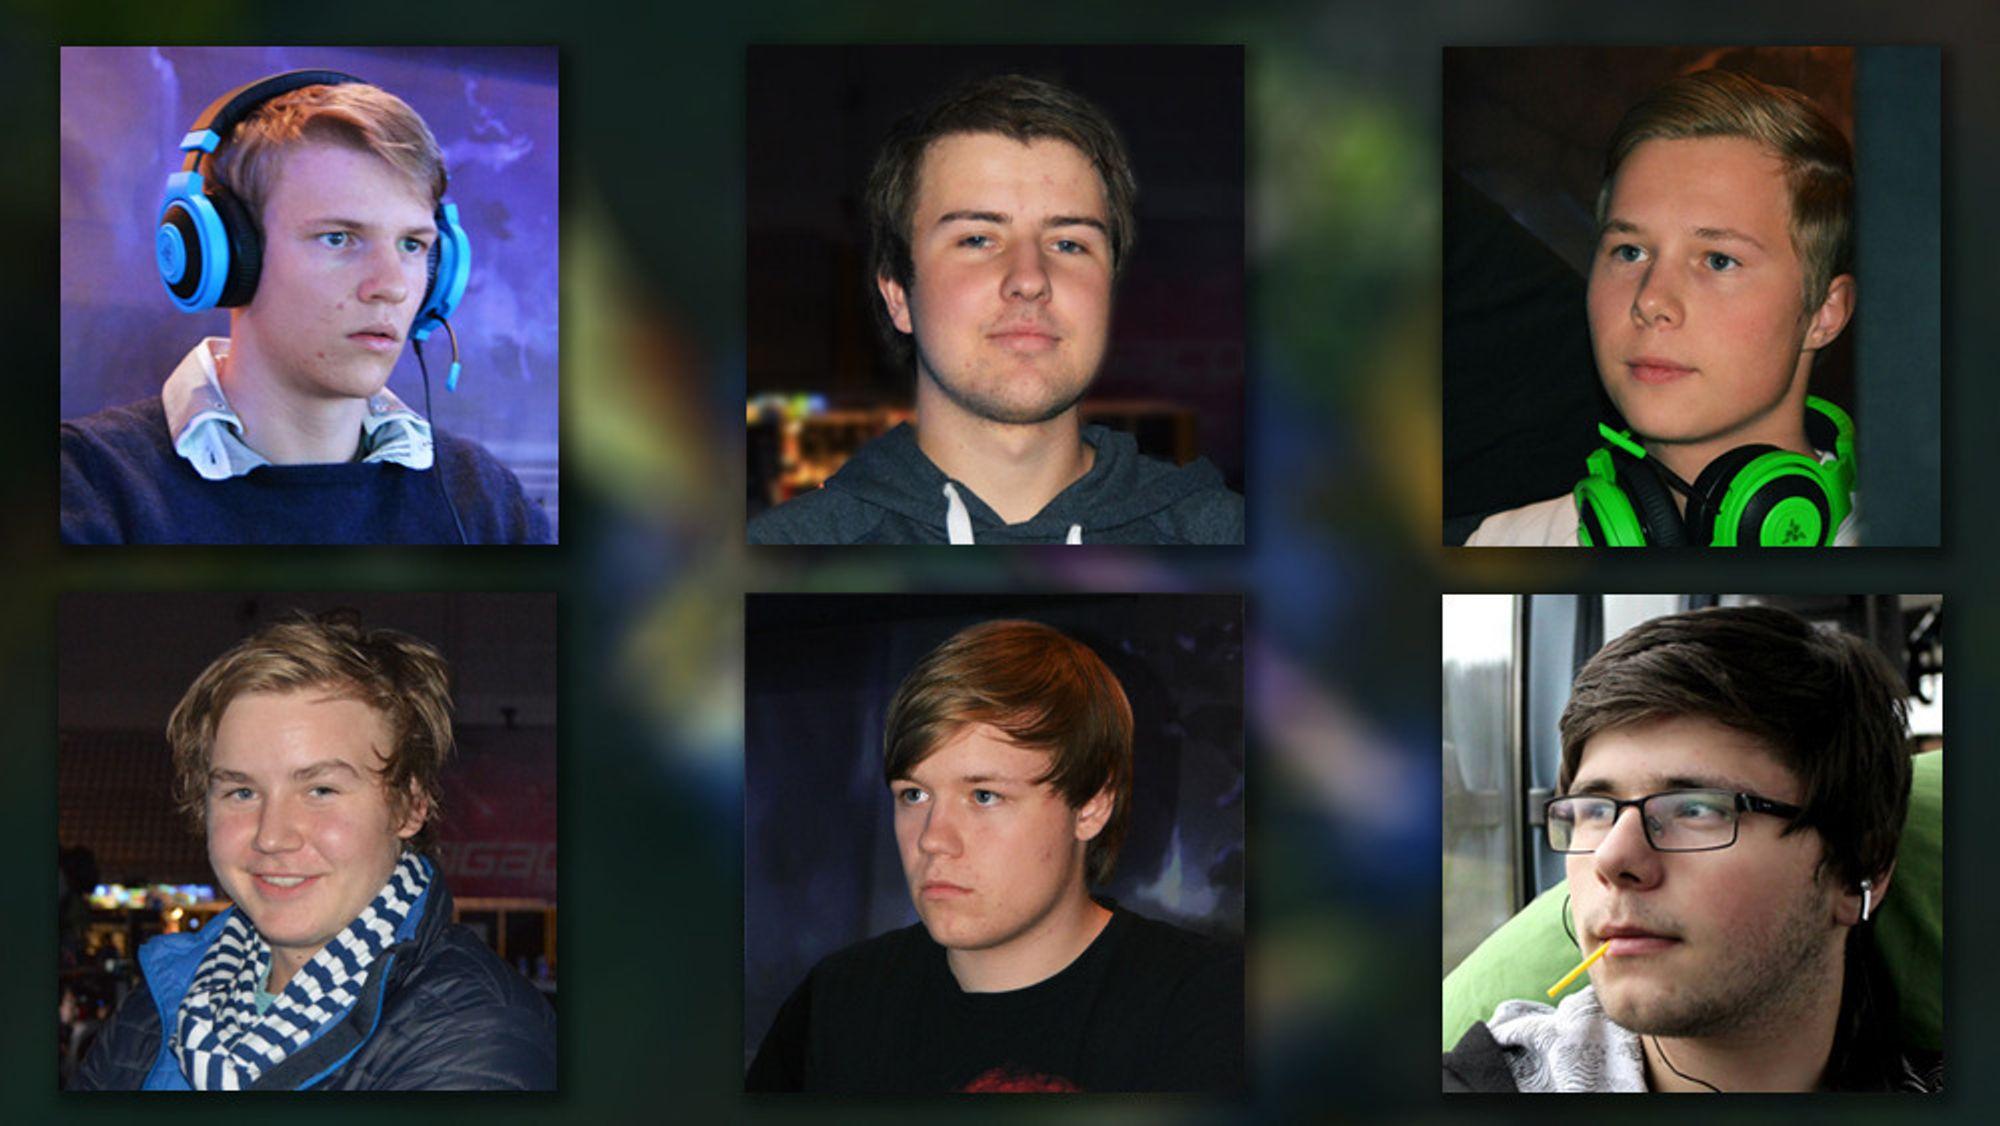 «Tivity», «Slemp», «Alex», «Xiphious», «Tom» og «Zagan» spiller for seks av åtte lag på øverste nivå av Gamer.no League of Legends Series.